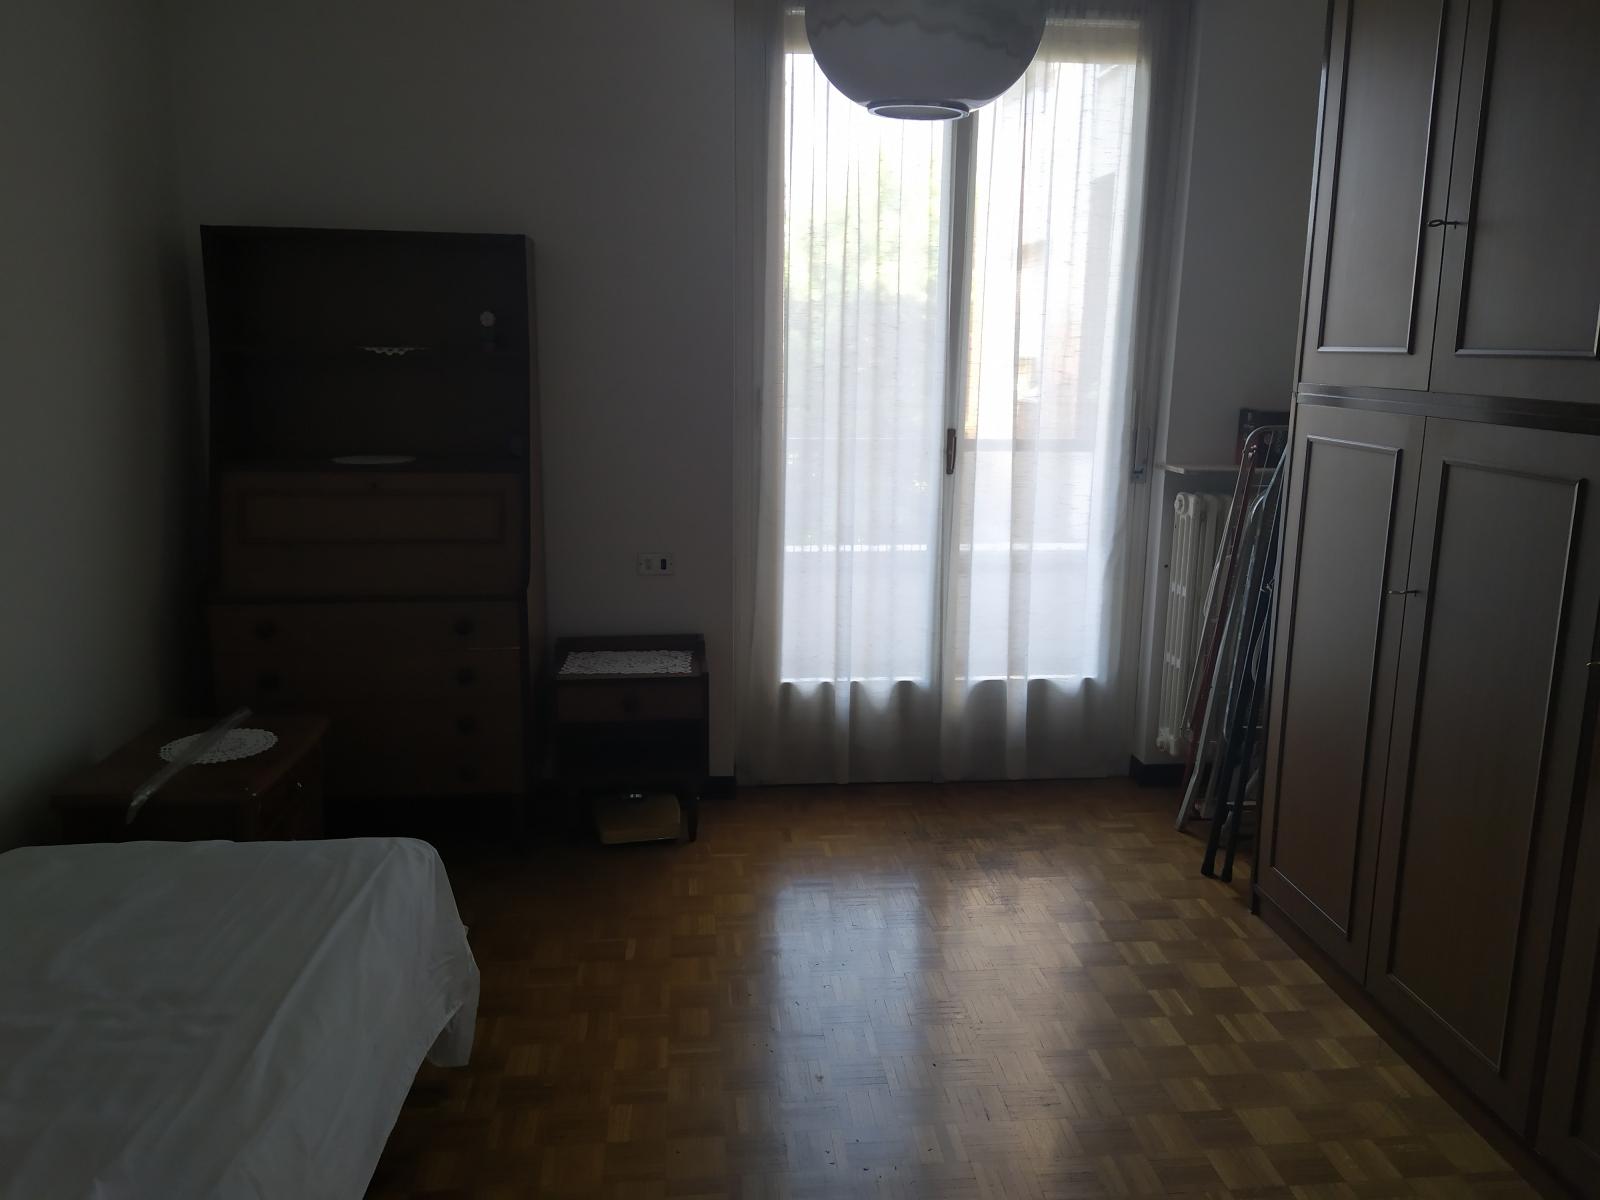 milano-tre-locali-via-val-dintelvi-con-box-casa-in-vendita-spaziourbanoimmobiliare-dove-trovi-casa-11